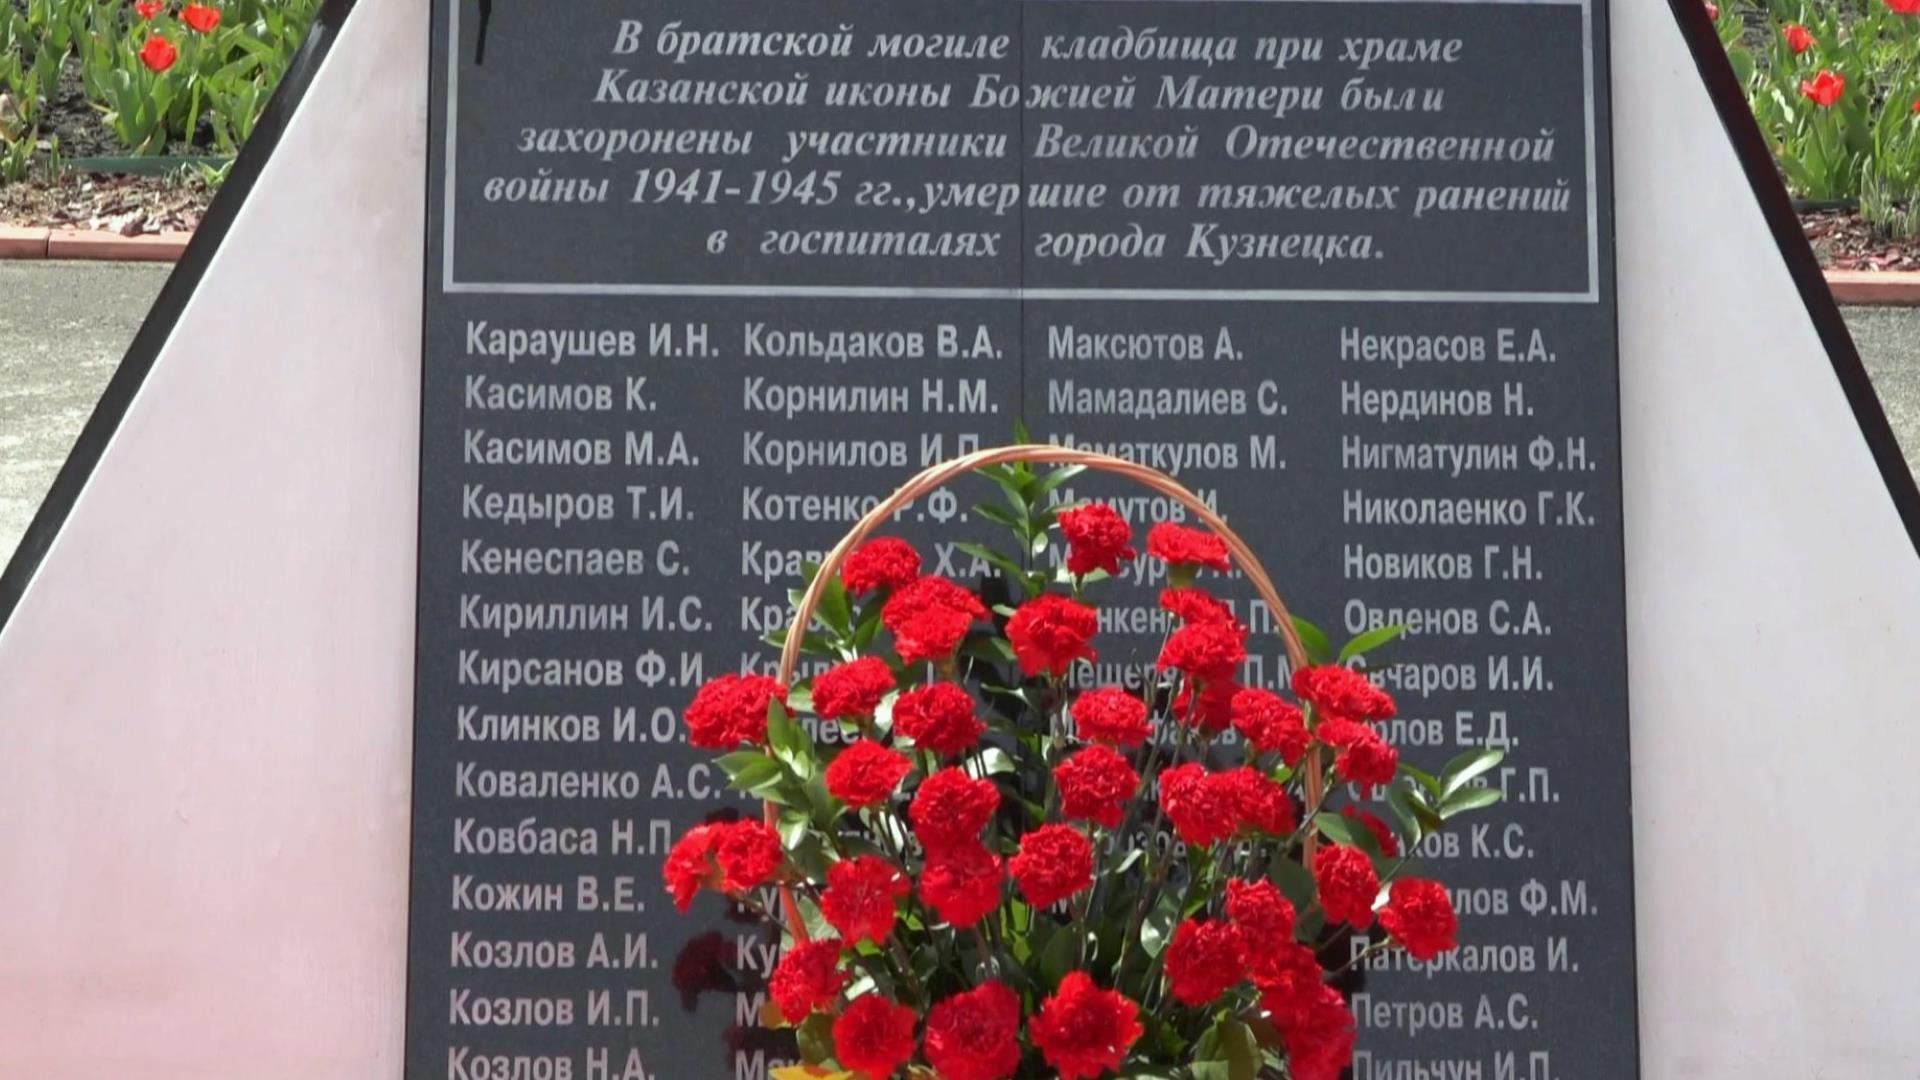 В Кузнецке открыли мемориал бойцам, умершим от ран  в госпиталях Кузнецка в годы войны